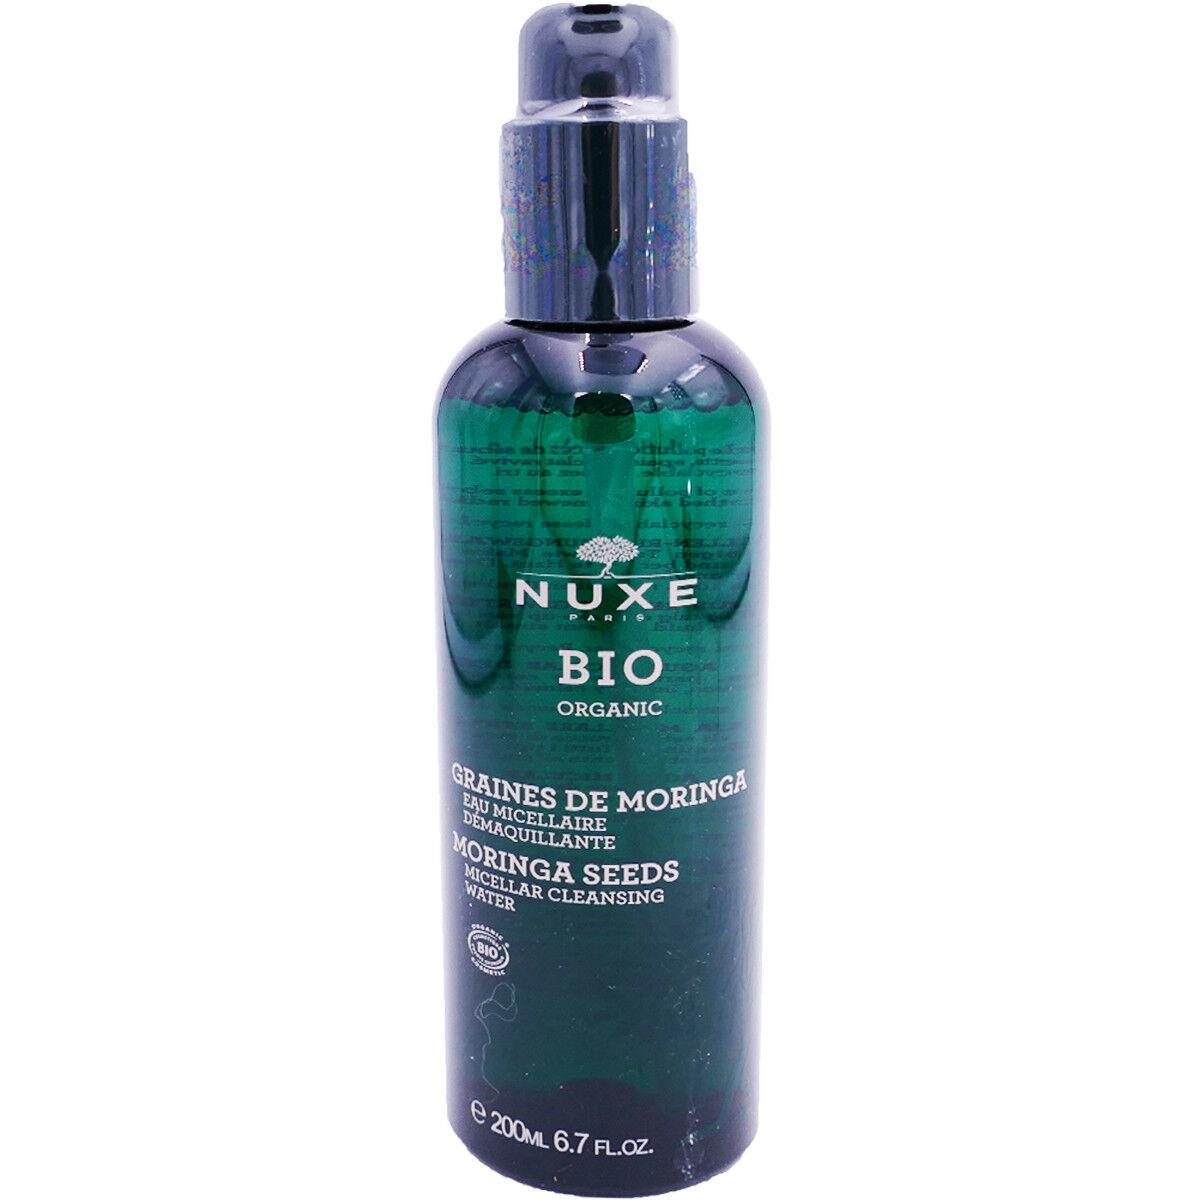 Nuxe bio graines de moringa 200 ml eau micellaire 200 ml